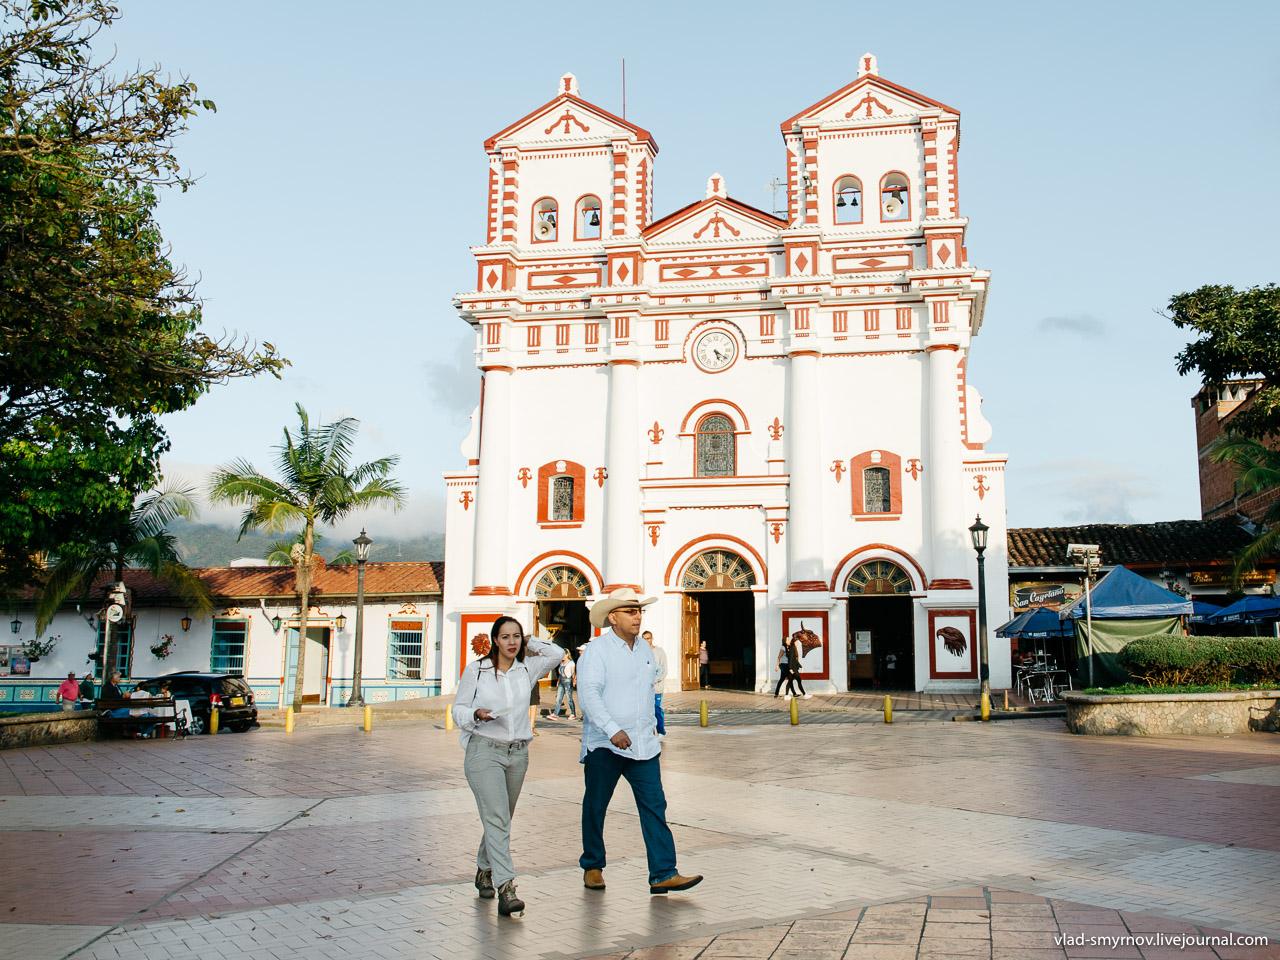 Гуатапе. Центр / Guatapé